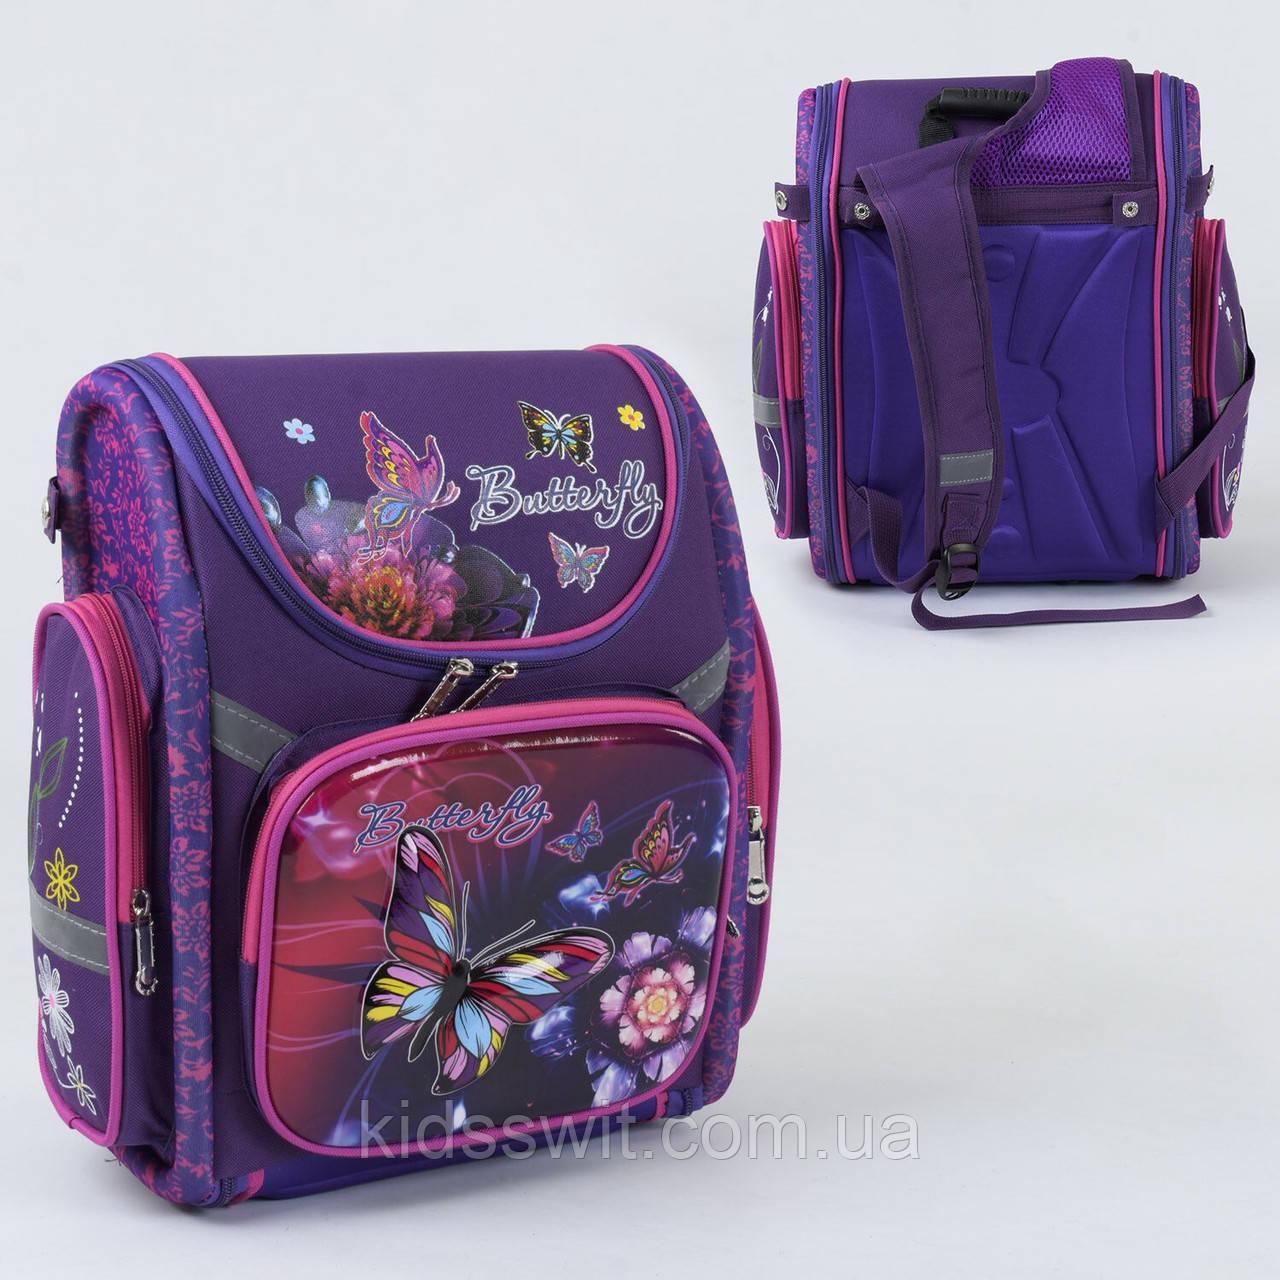 Рюкзак шкільний каркасний 1 відділення, 3 кишені, ортопедична спинка, 3D зображення З 36187